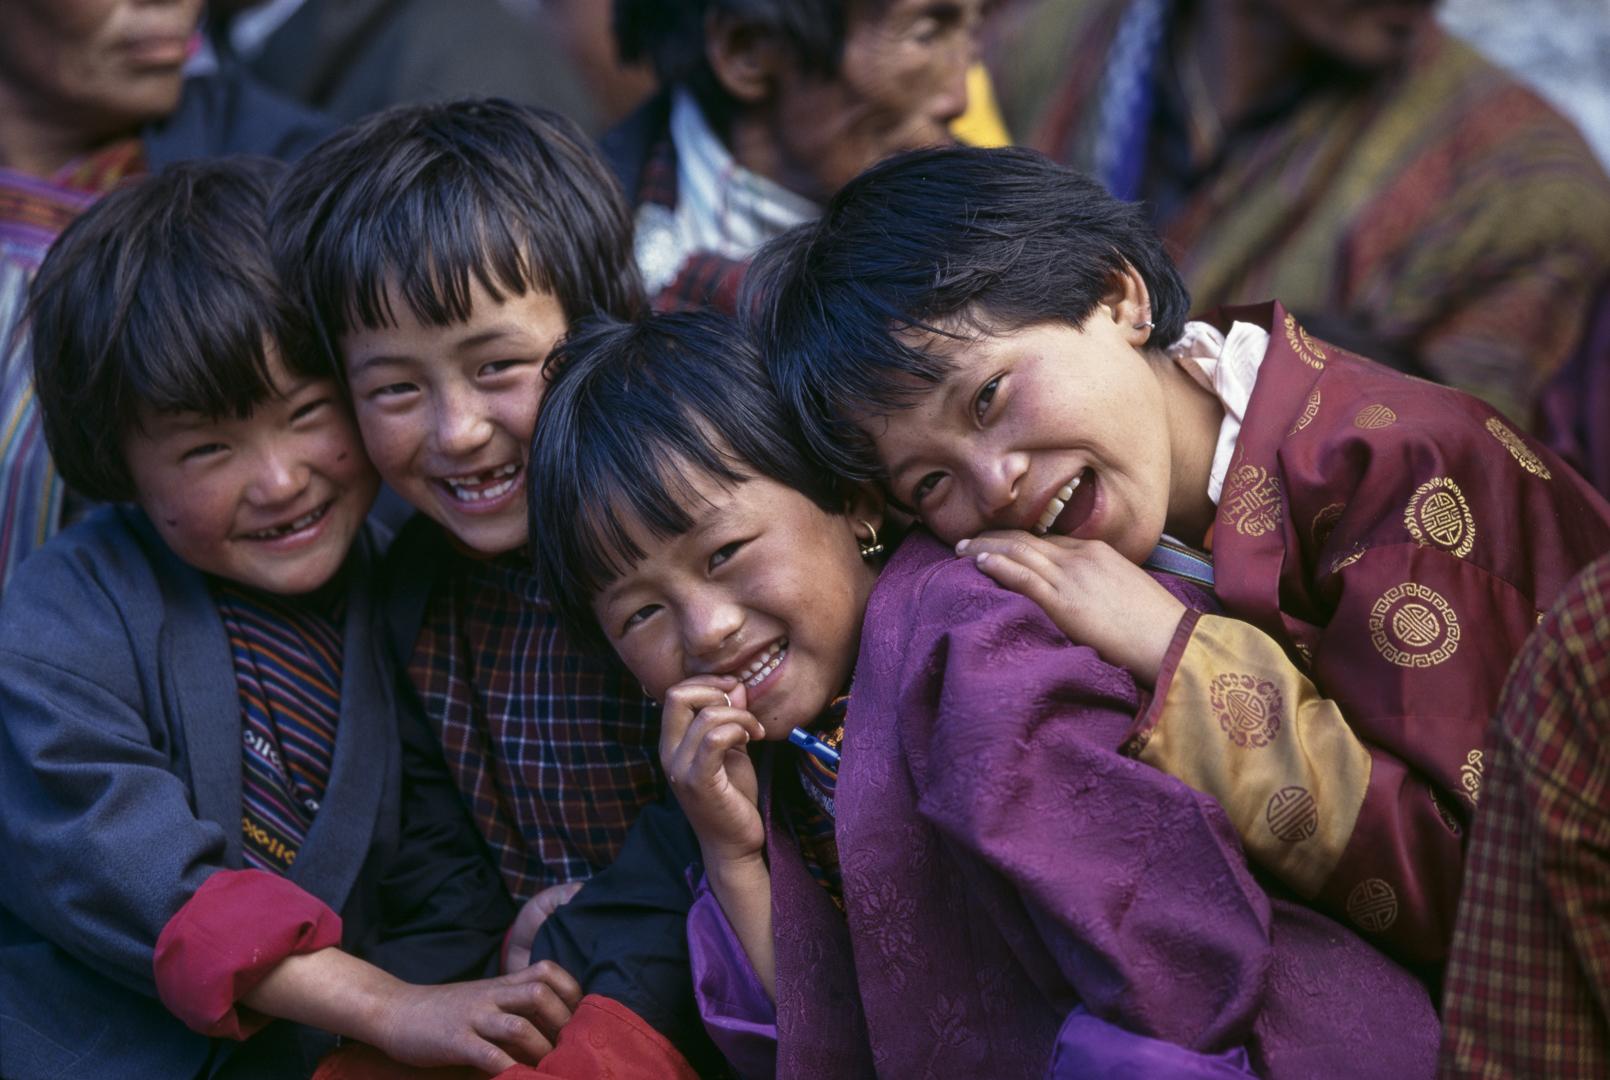 14 ottobre: per la Giornata mondiale dell'educazione ambientale la Guida bhutanese alle scuole verdi